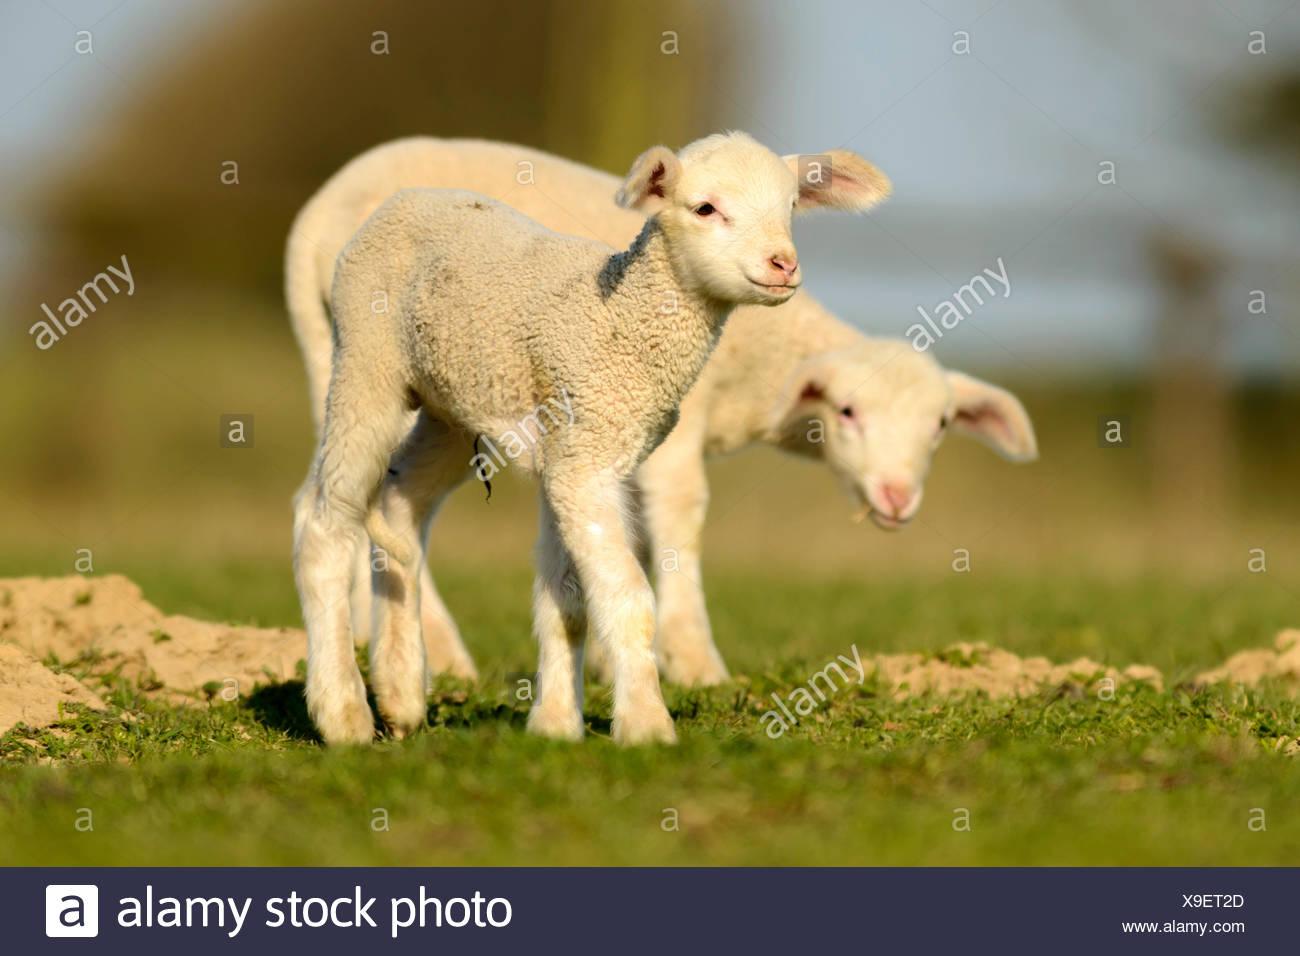 Merino Sheep, lambs - Stock Image